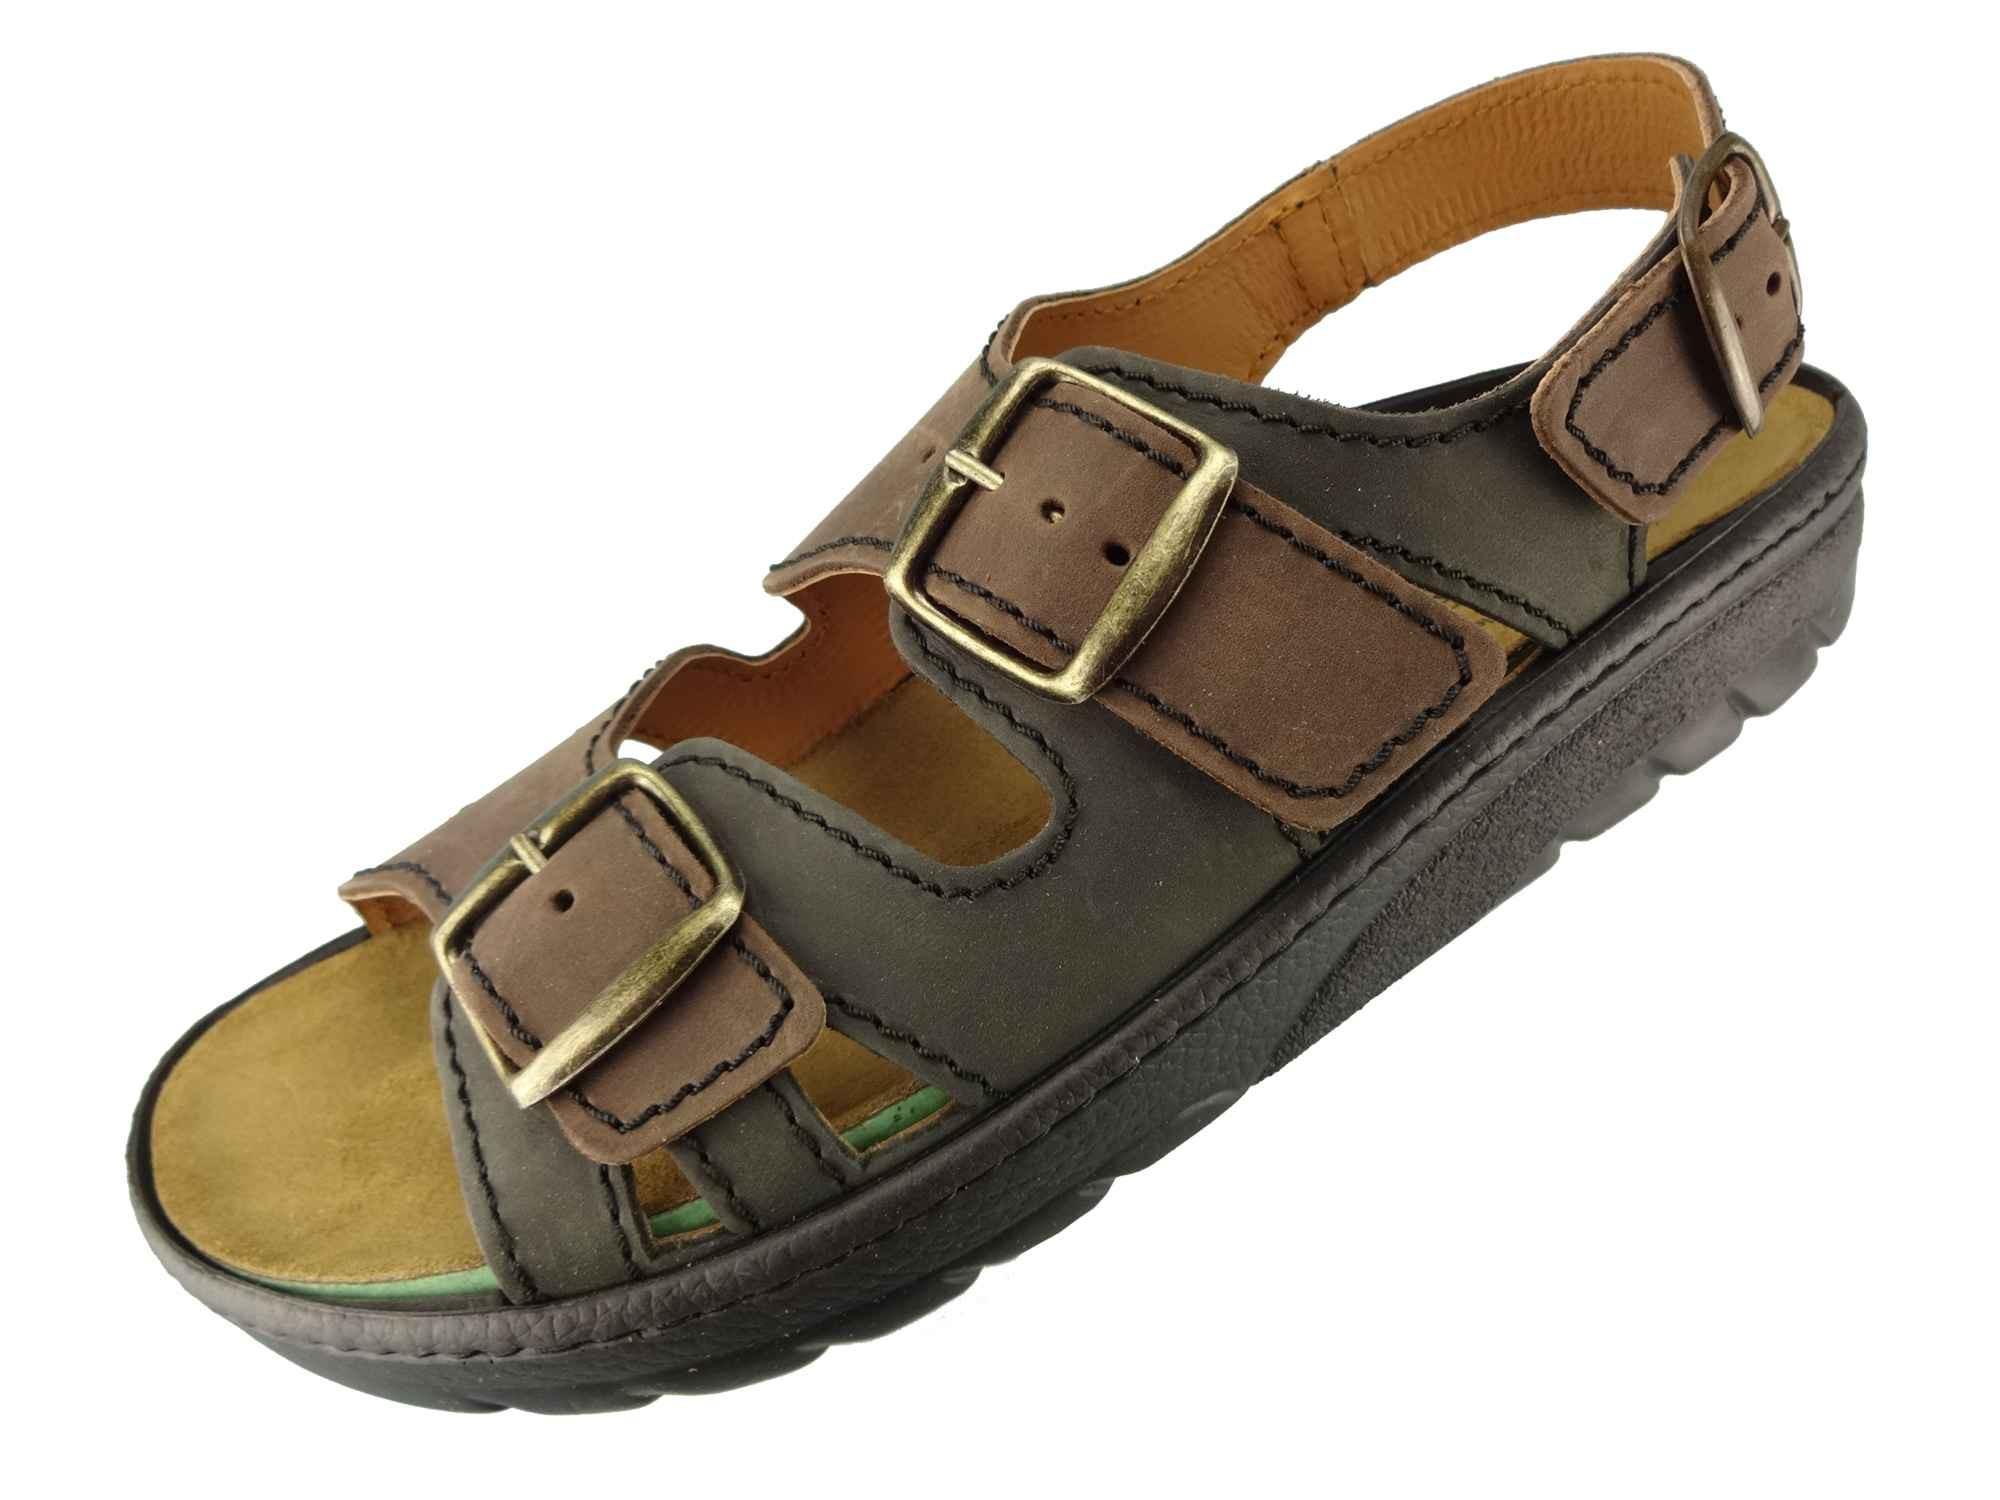 Algemare Sandalette Algen Kork waschbares Wechselfußbett Nubuk Herstellung in Deutschland 7691_4131 Sandale | Lederstore